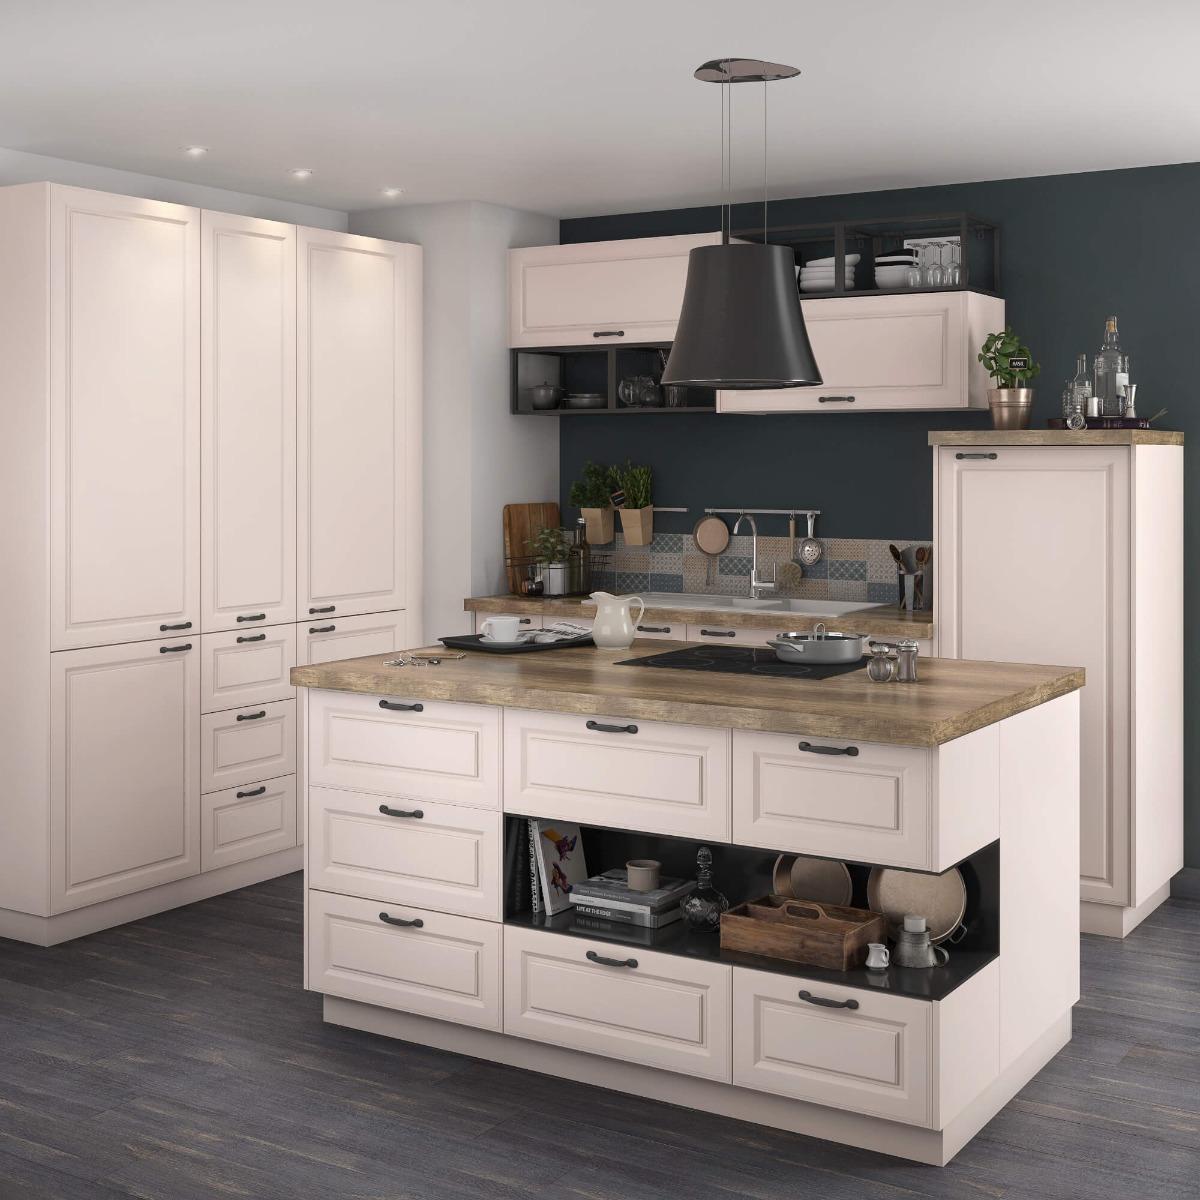 Delinia Oxford Designer Kitchen Mobi - Example 3